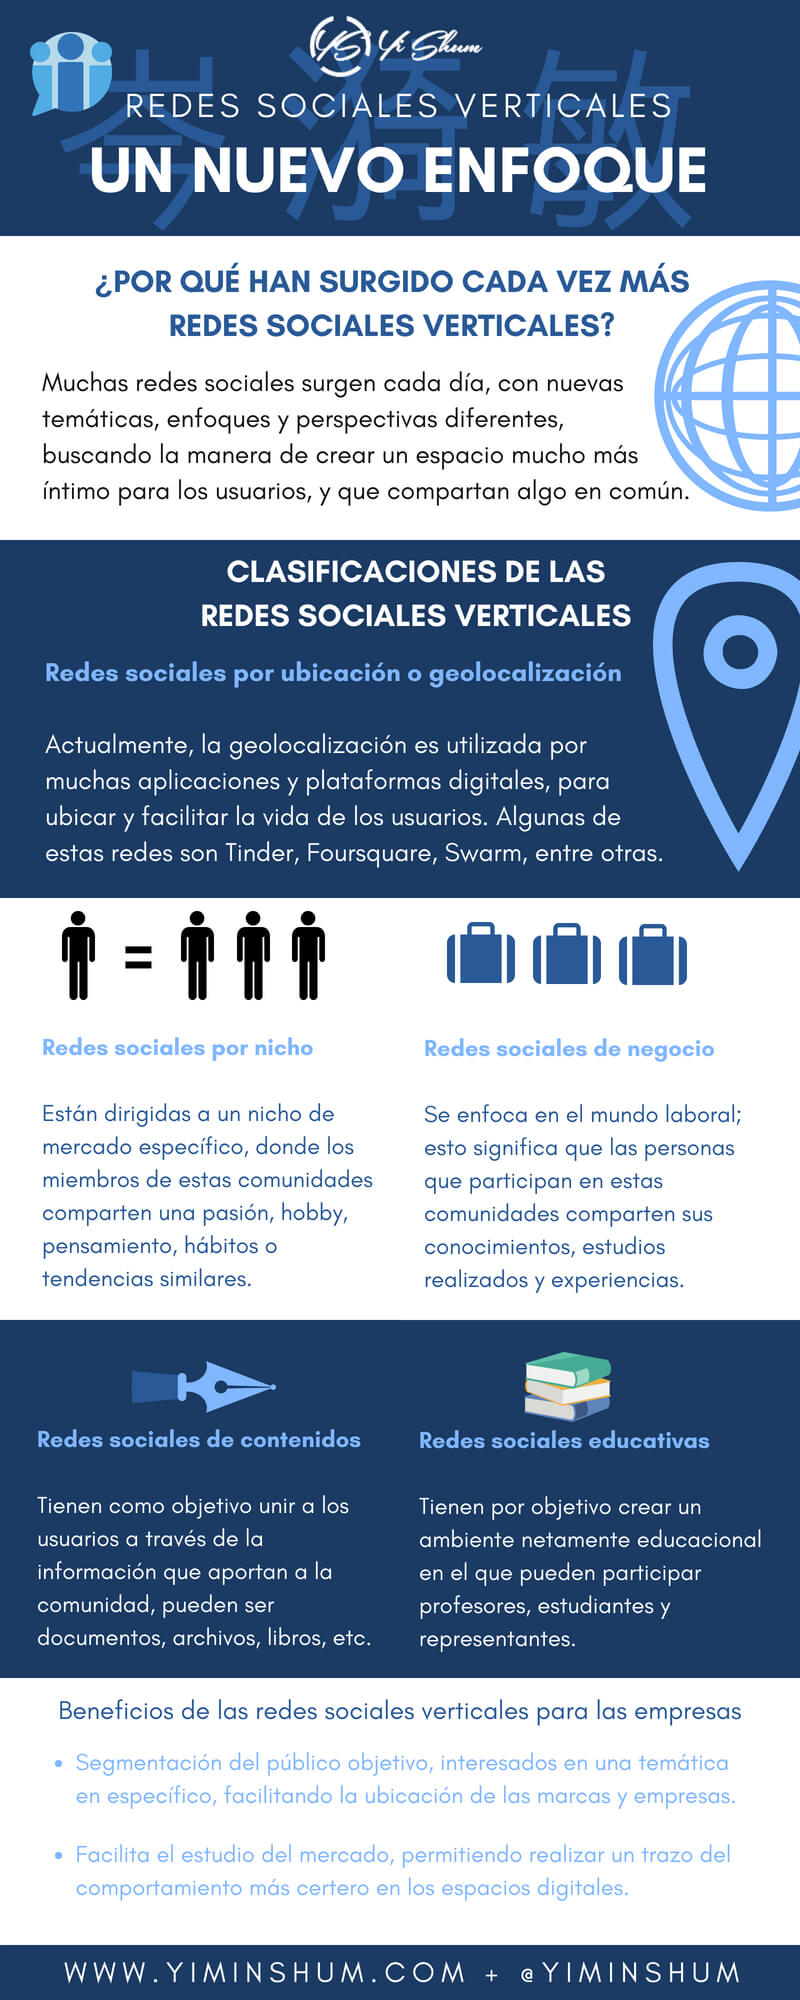 Redes sociales verticales, un nuevo enfoque + infografia